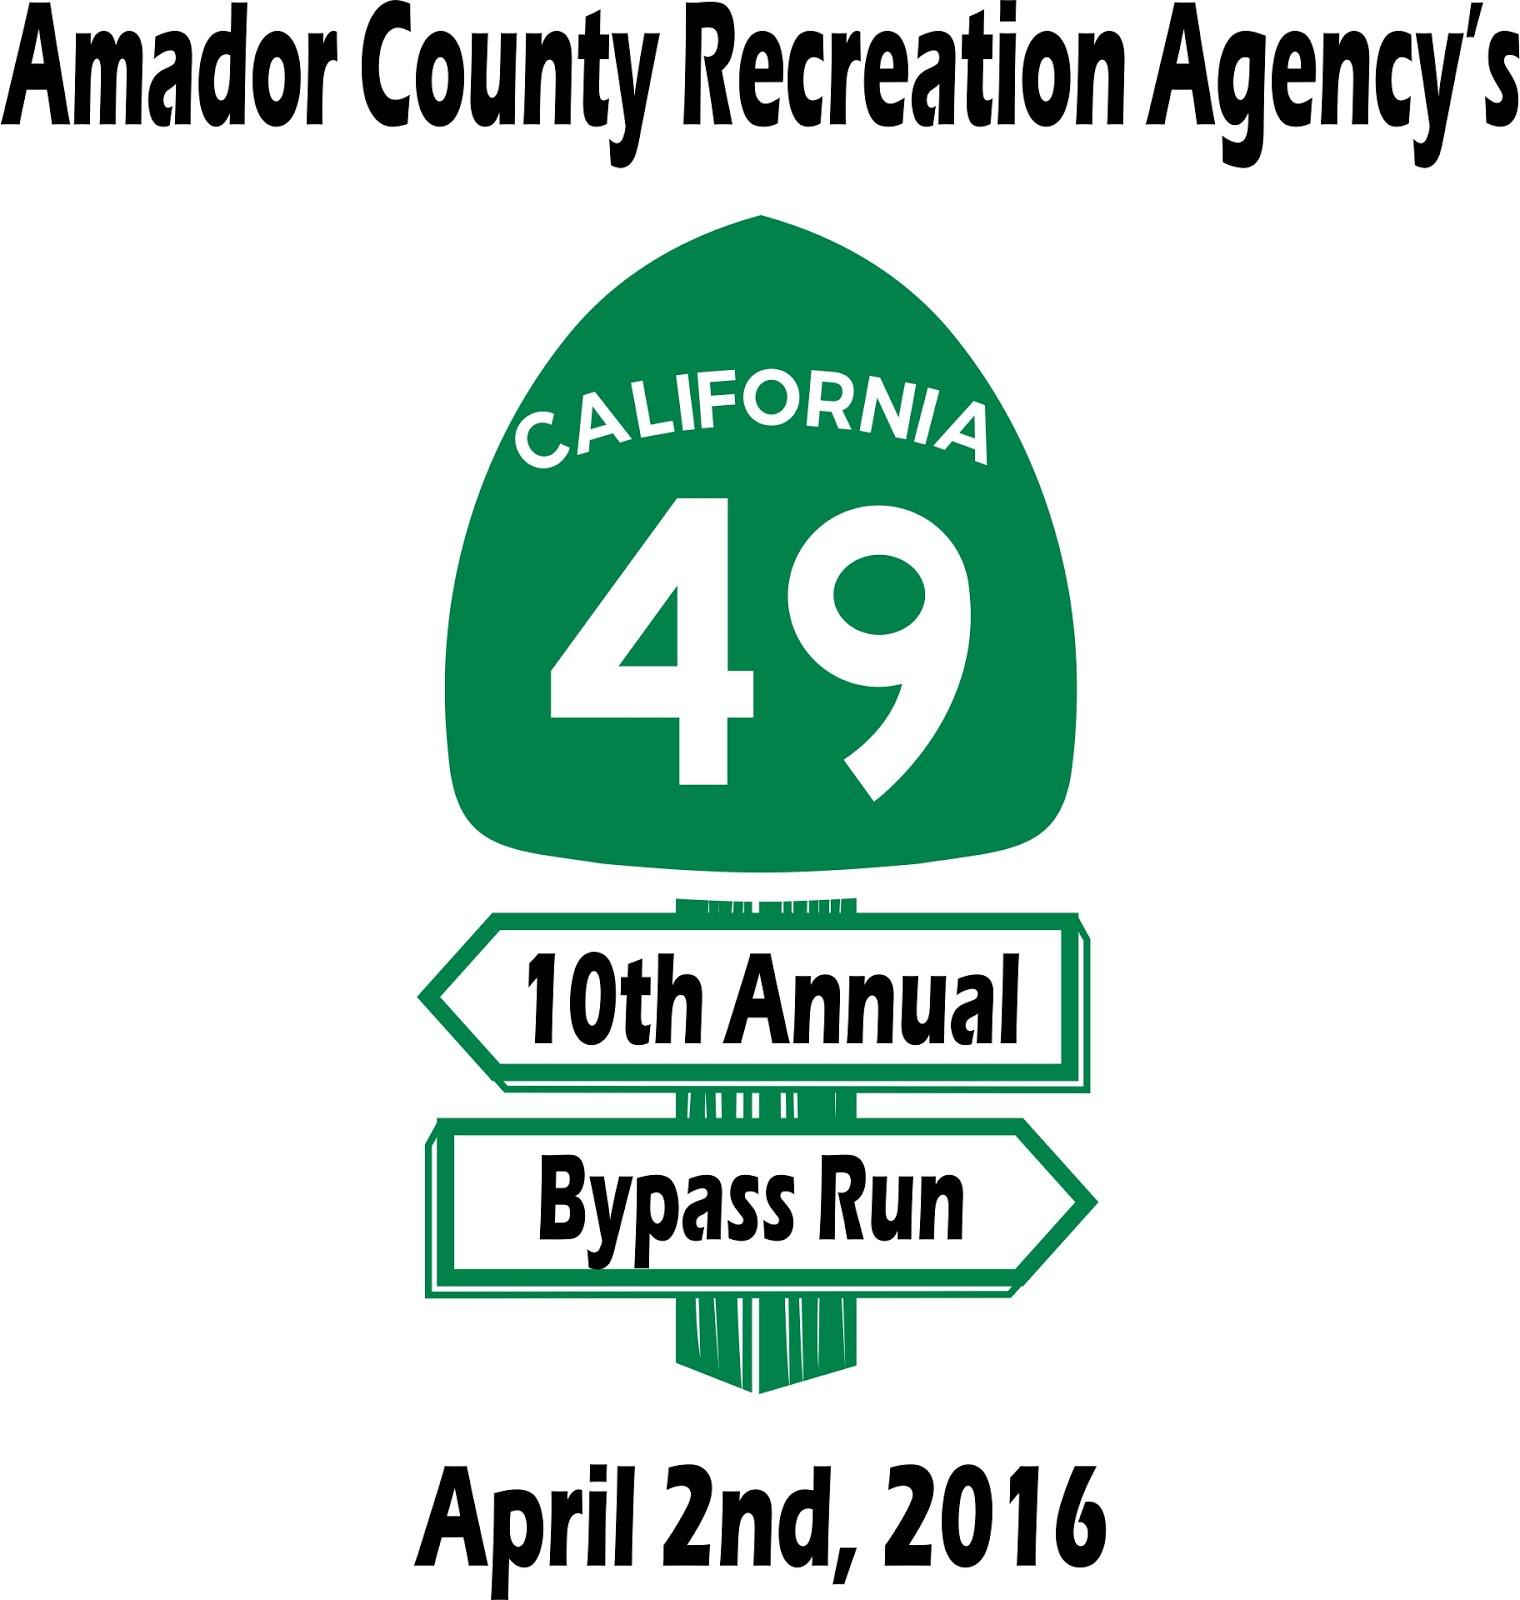 10th Annual 49er Bypass Run - Sat April 2